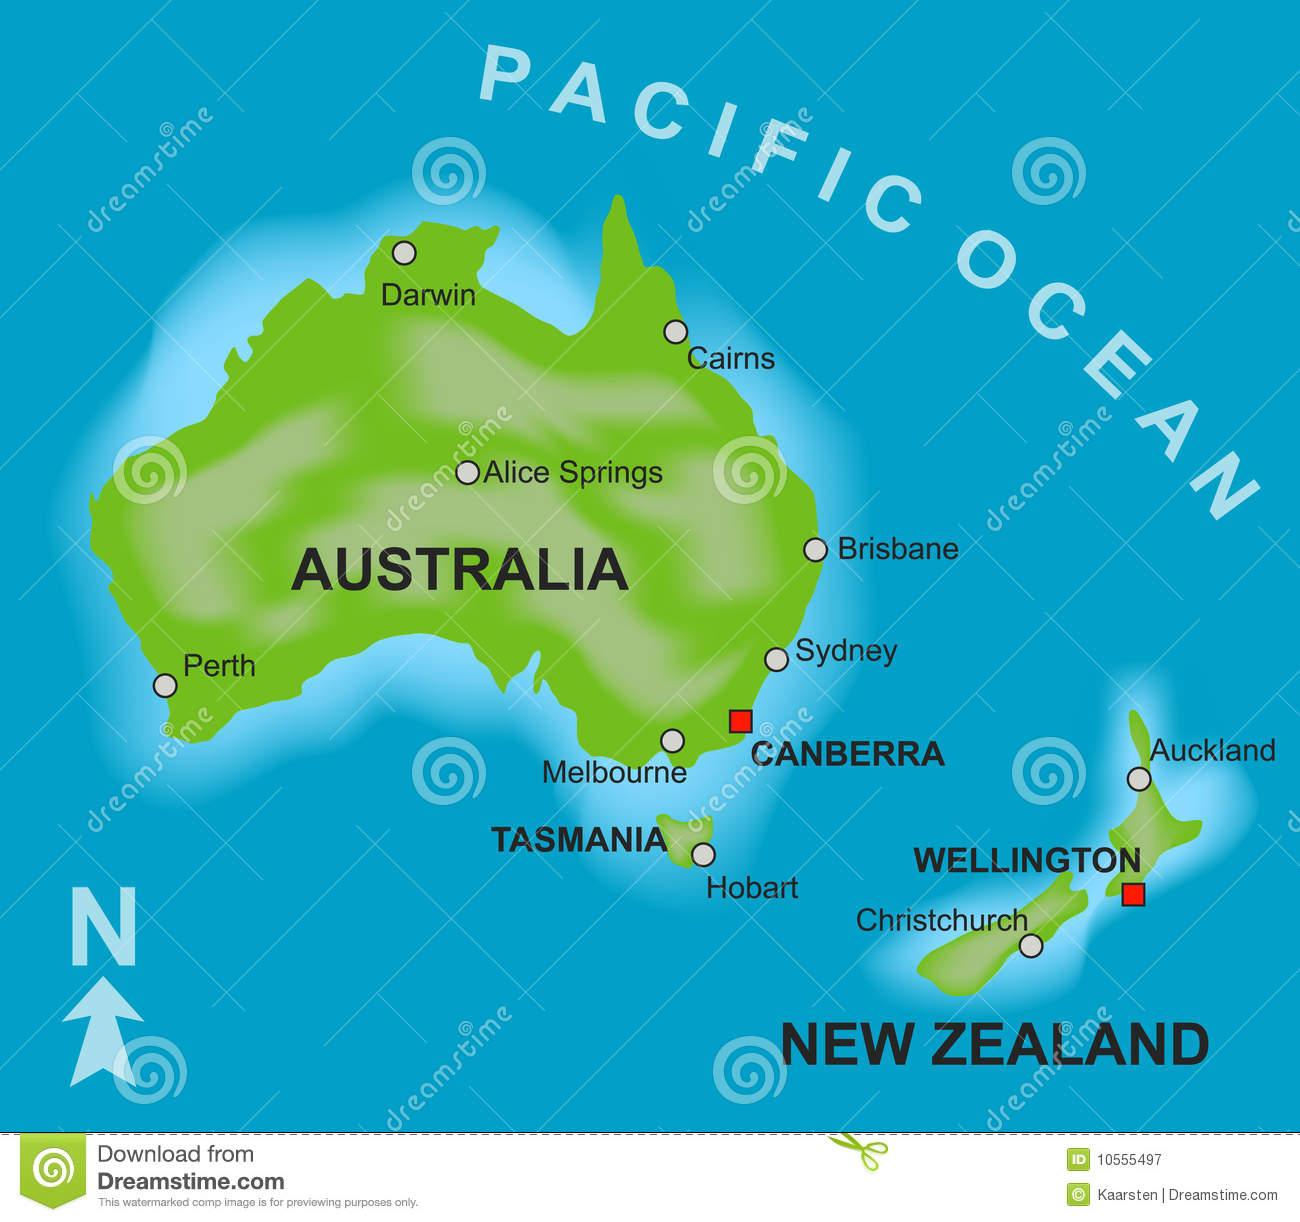 mapa australia e nova zelandia Austrália e Nova Zelândia celebram acordo de livre comércio  mapa australia e nova zelandia